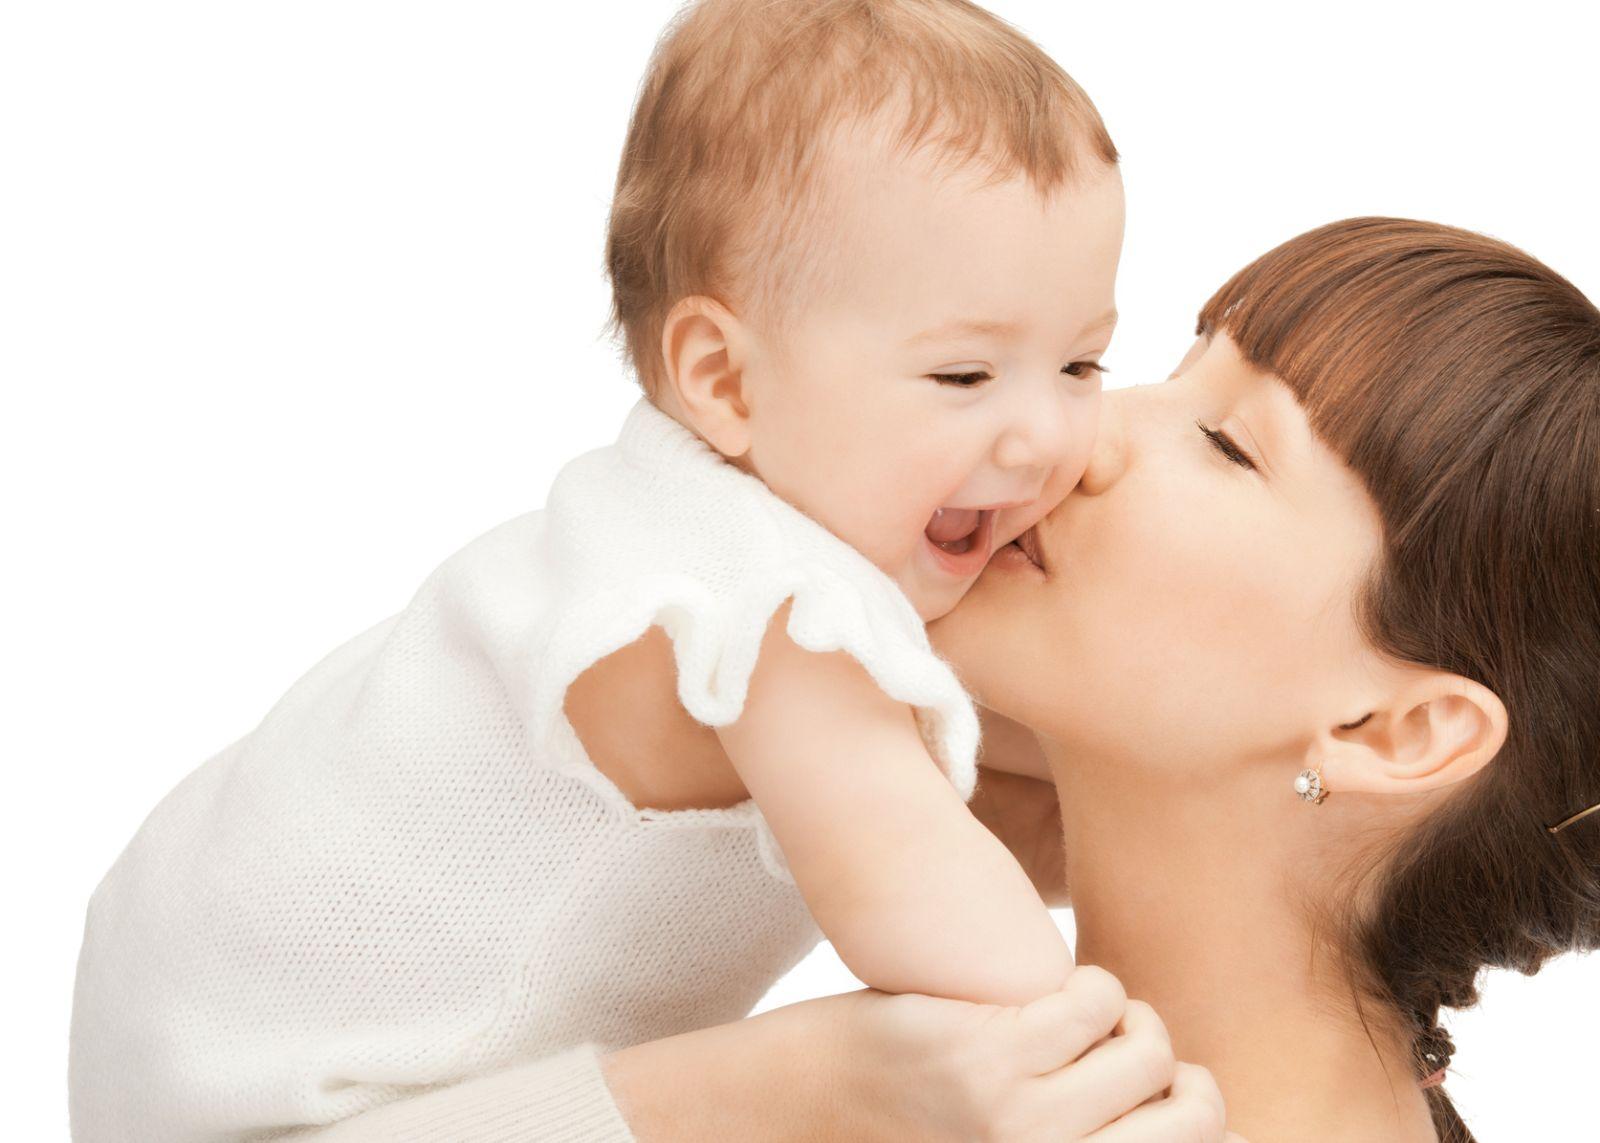 Por ejemplo, la prolactina, hormona que ingiere el bebé a través de la leche materna, es importante en el desarrollo del sistema inmunológico, emocional y conductual de los infantes.